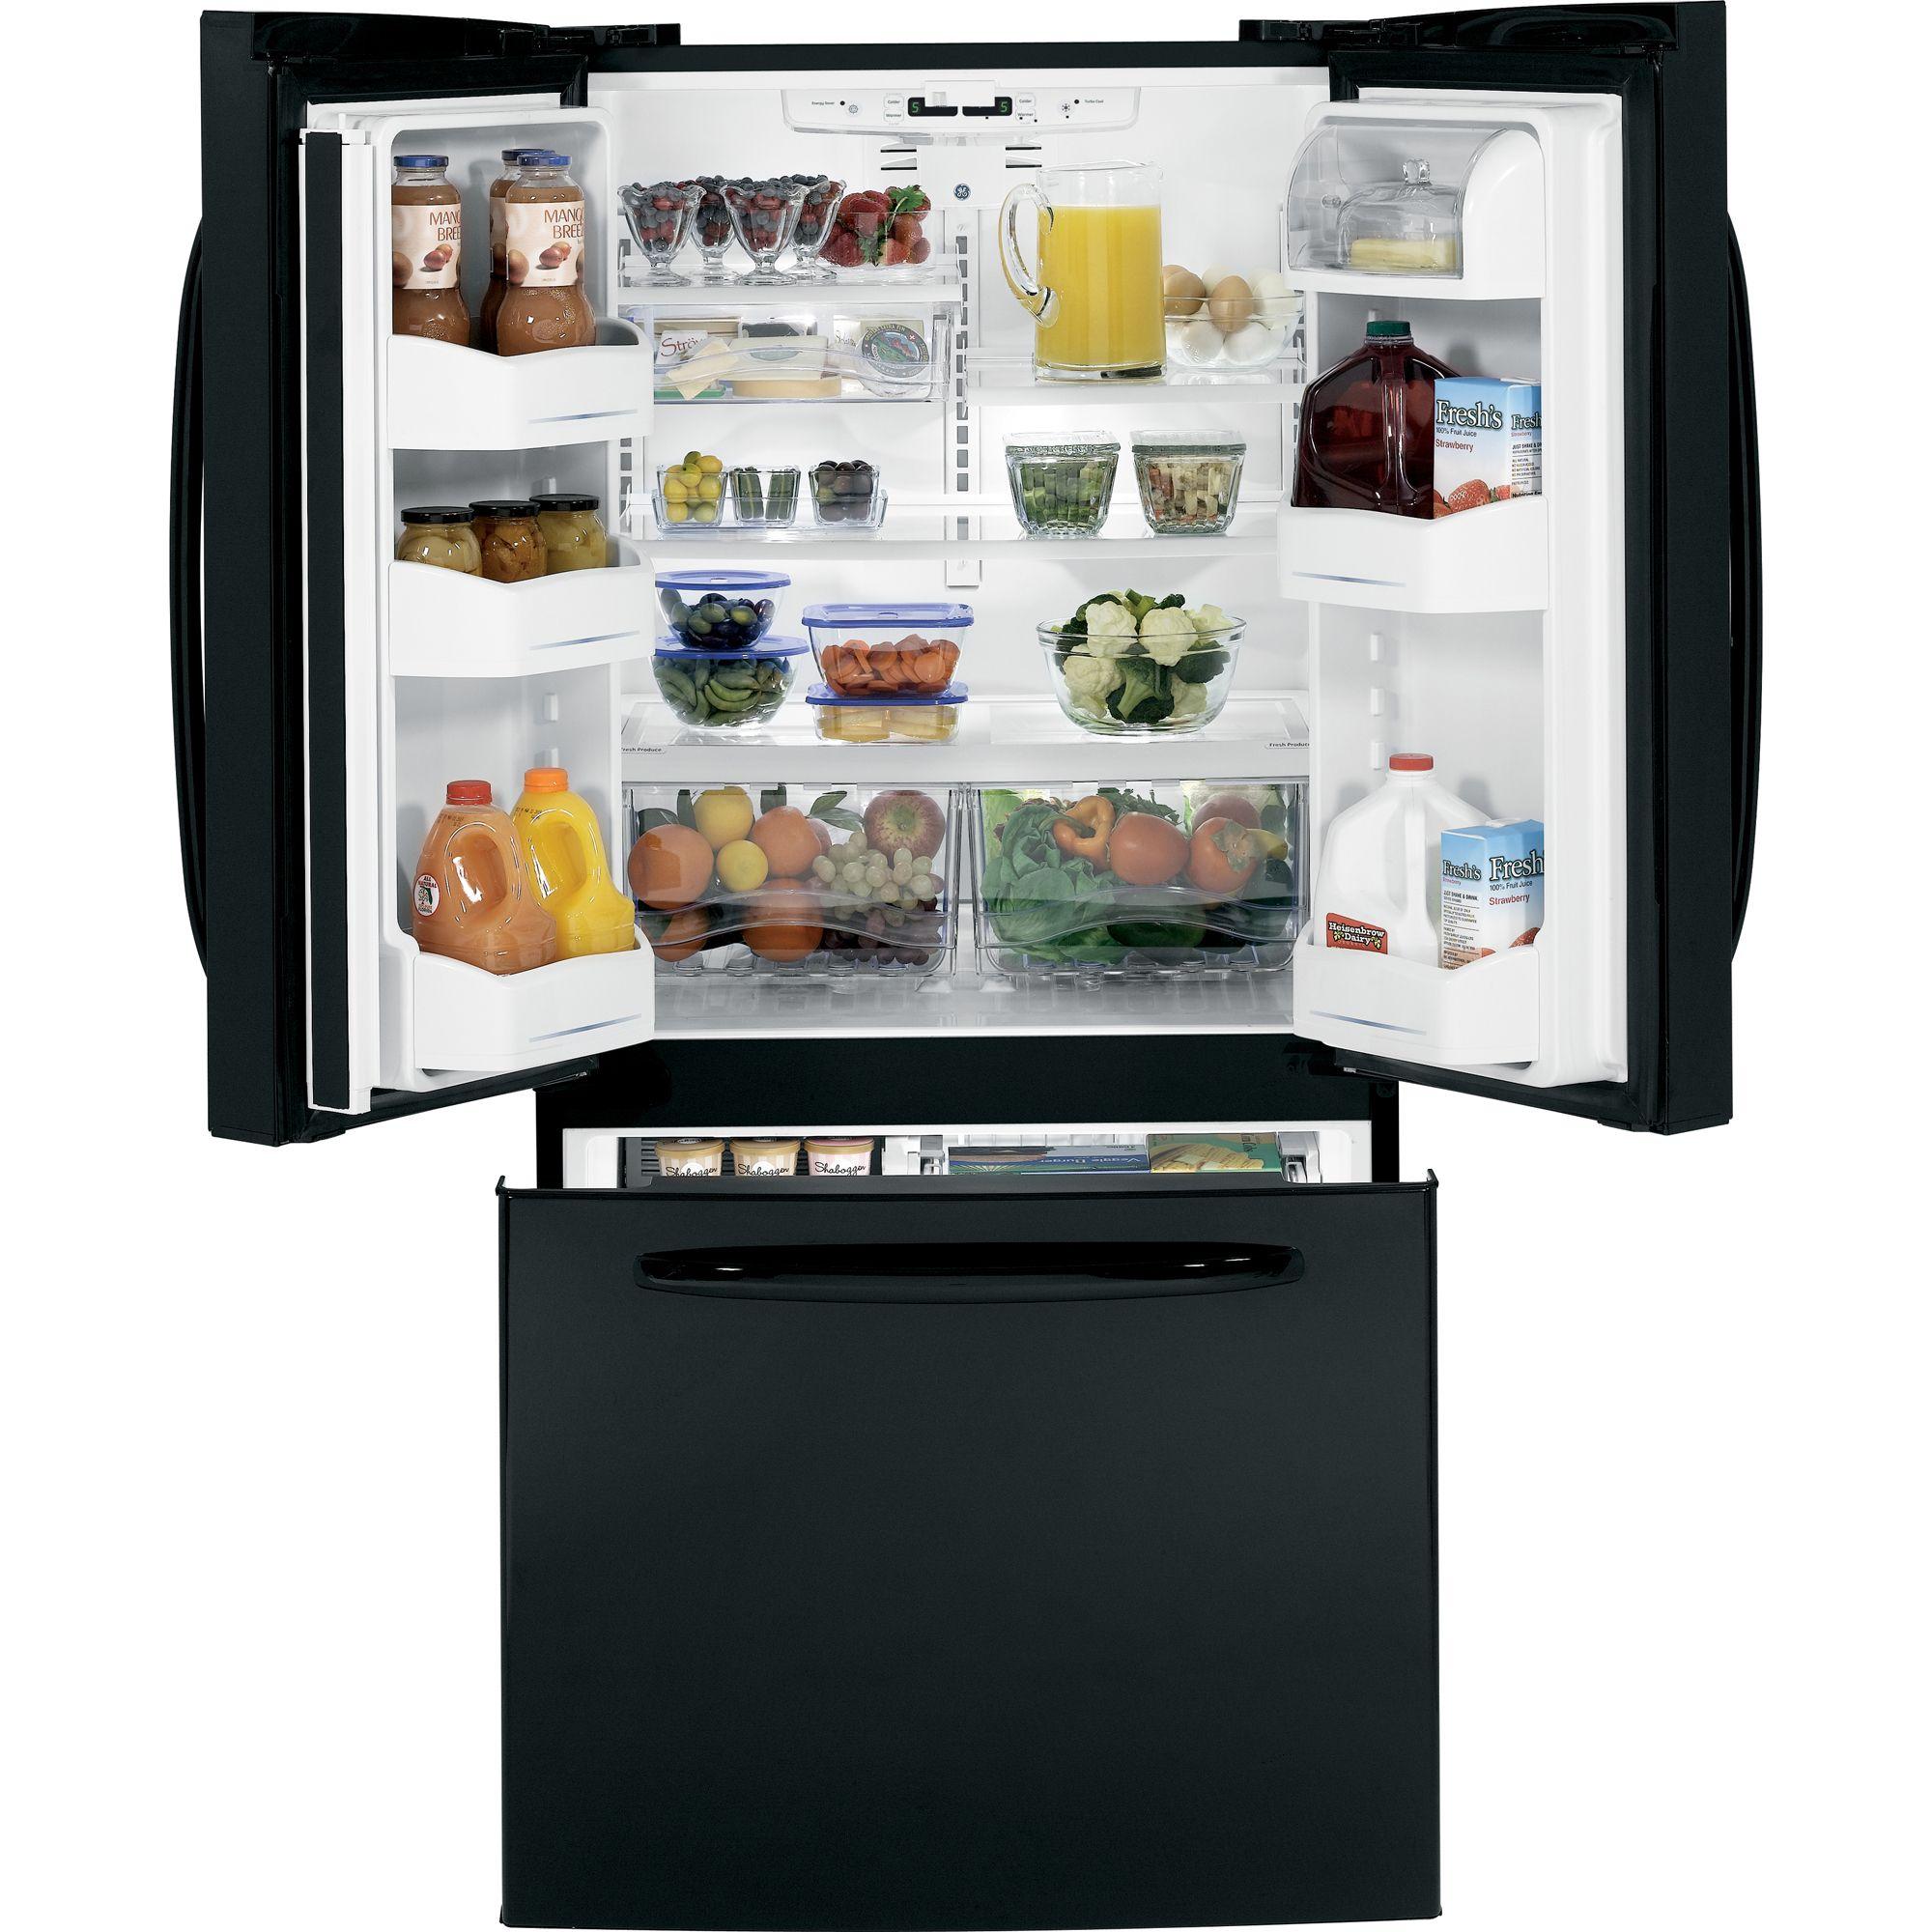 GE 22.0 cu. ft. French-Door Bottom-Freezer Refrigerator